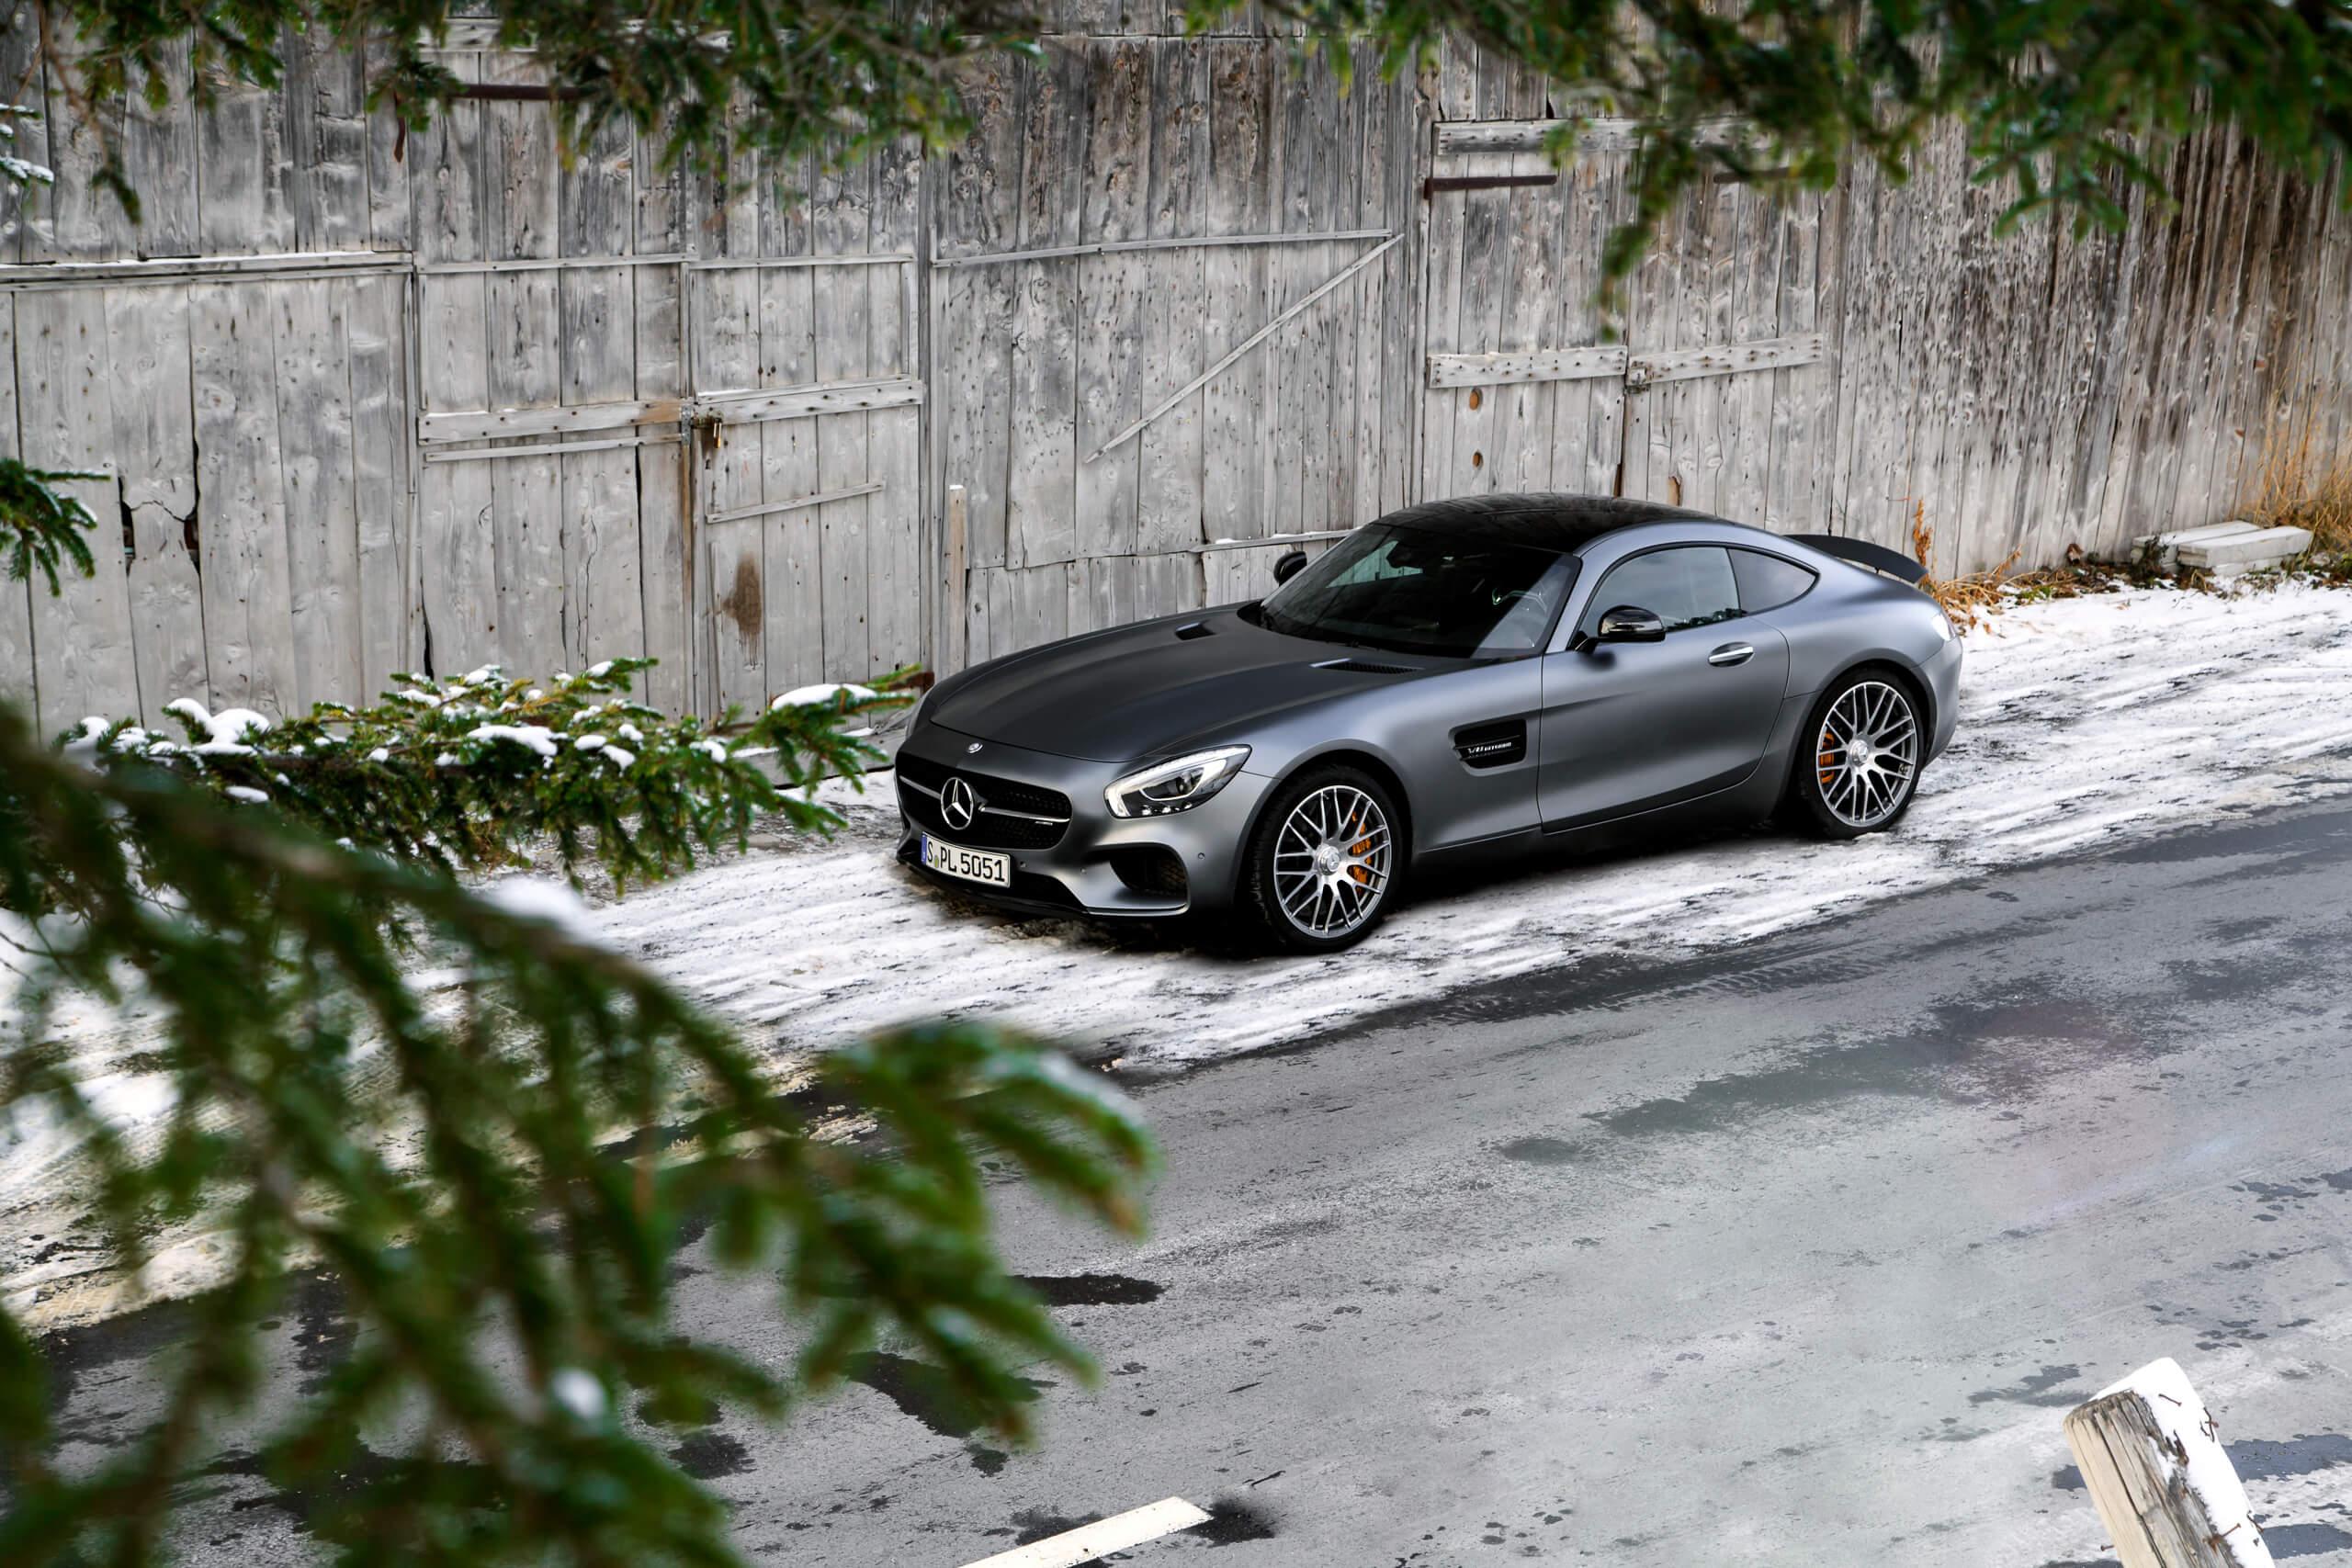 Mercedes-Benz AMG GT-S designo grey Schnee Holz Felgen Tannen